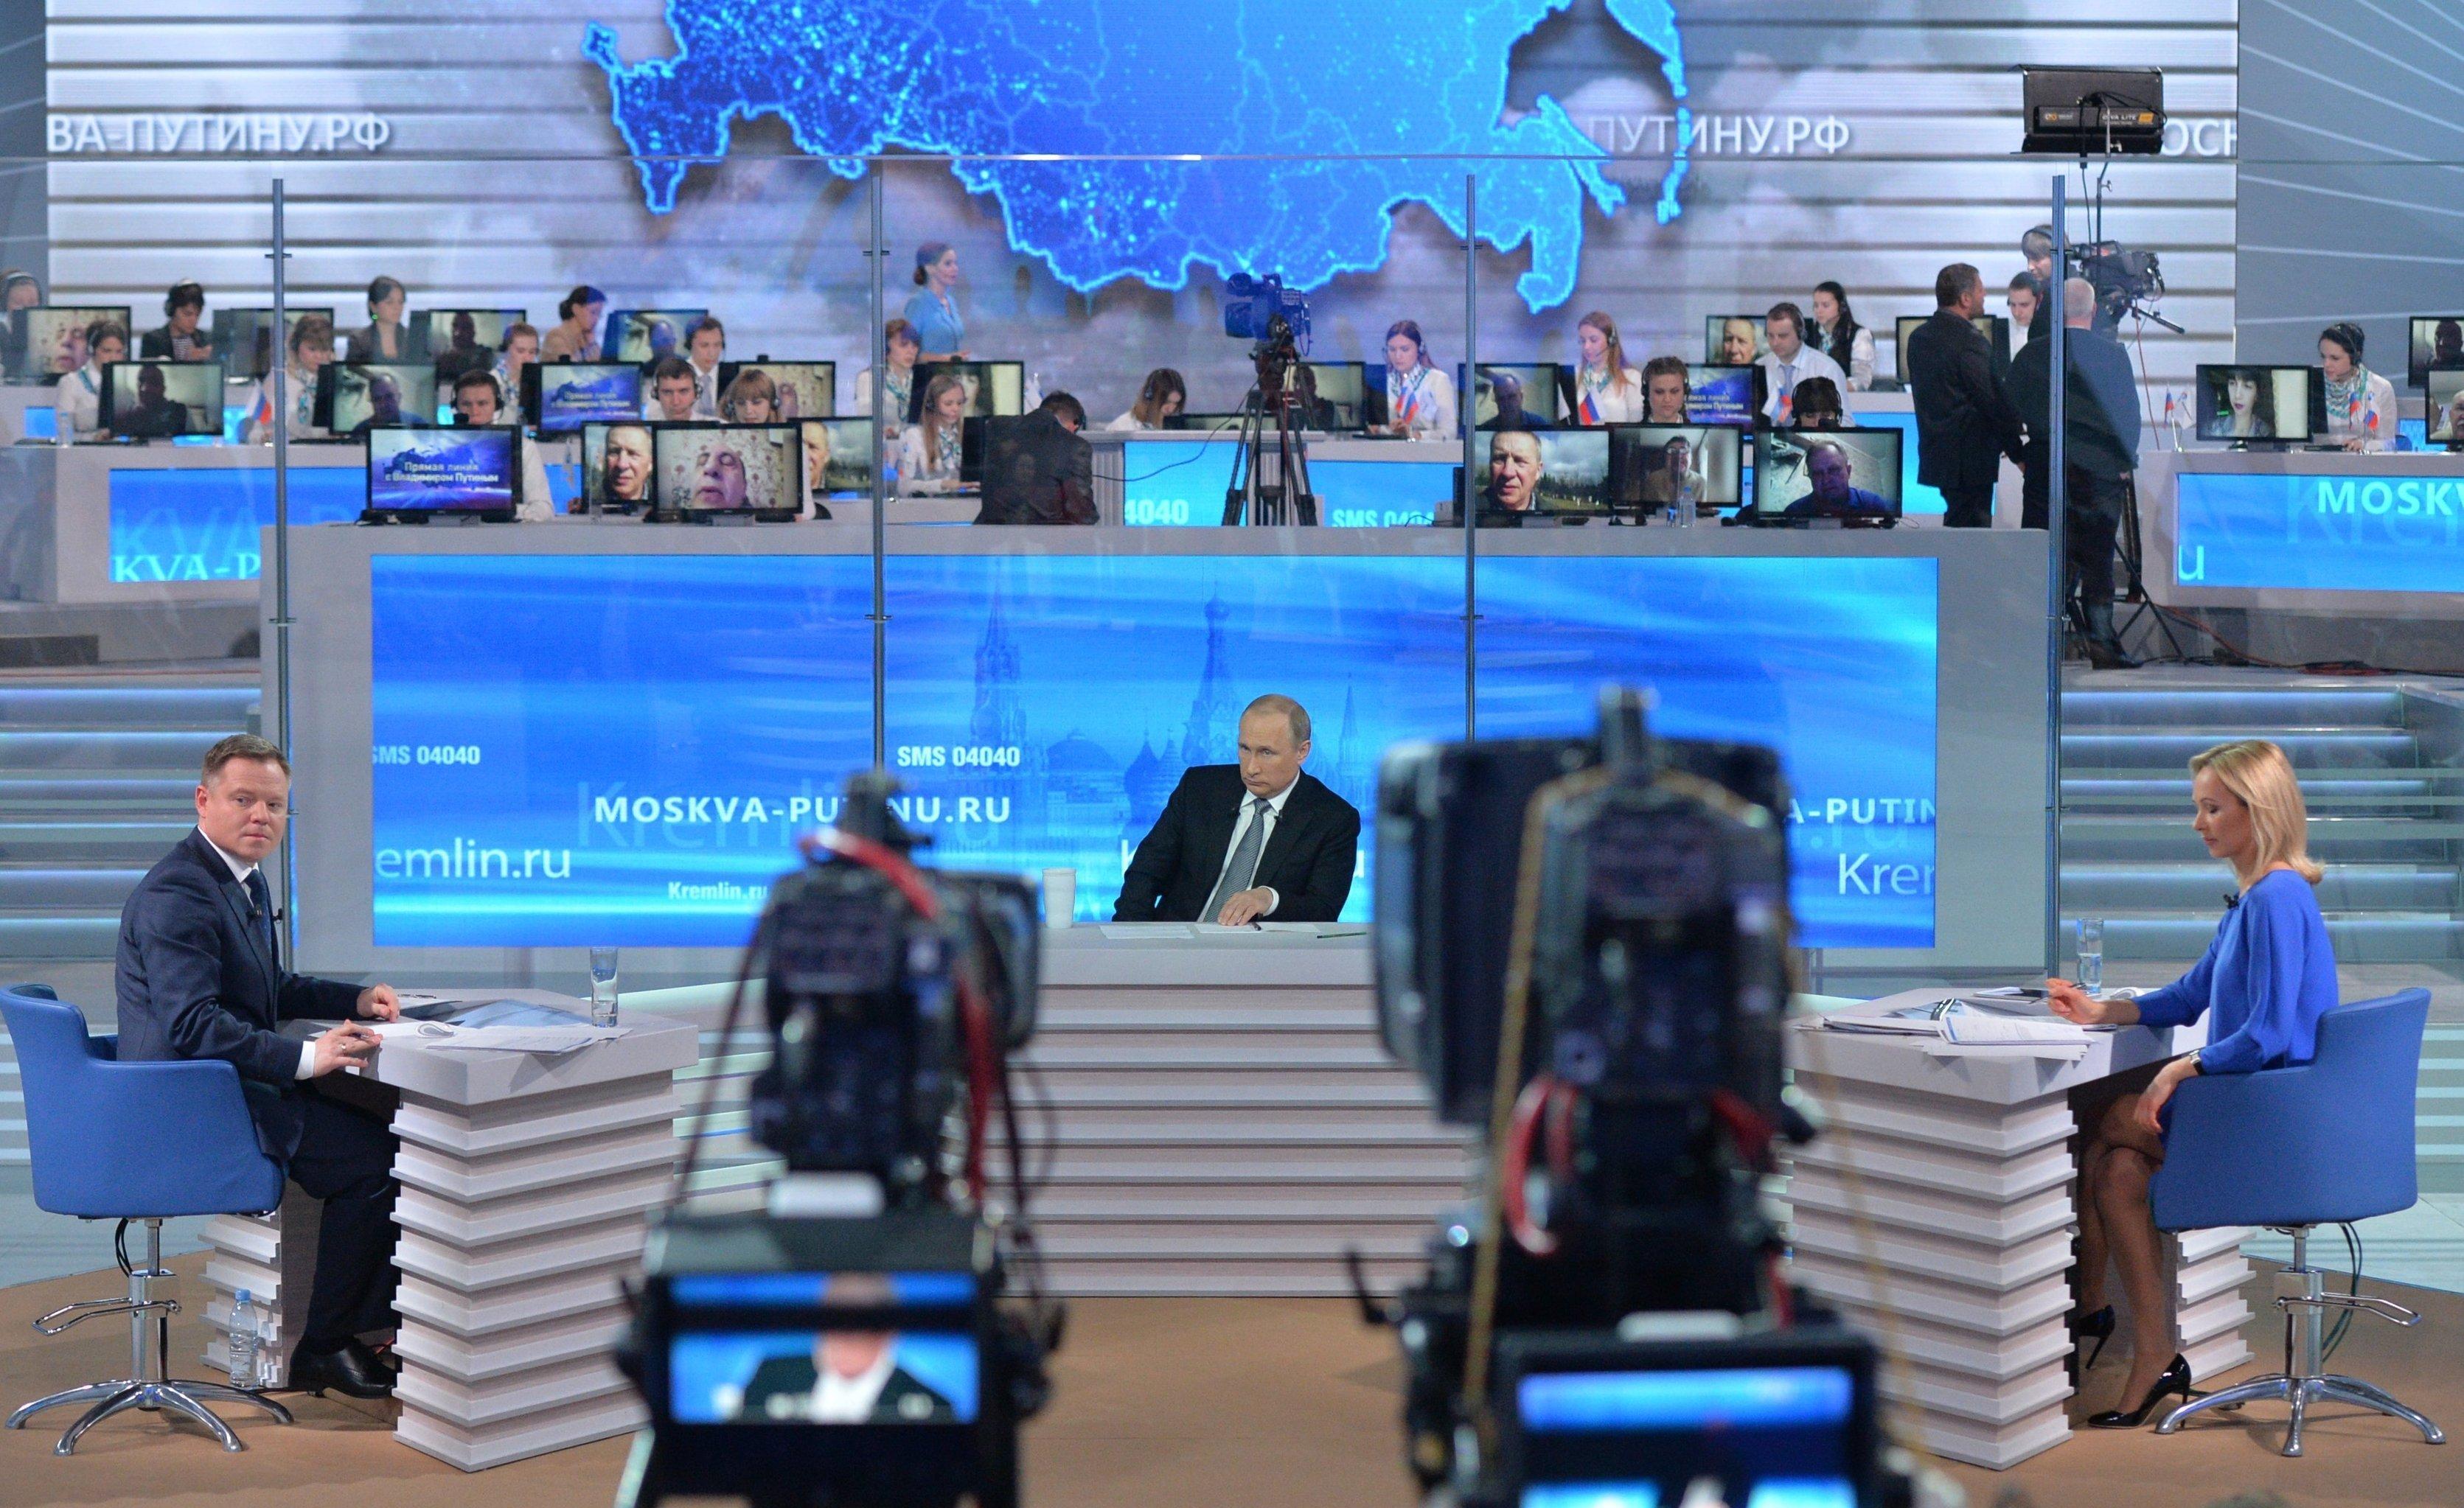 Российские власти содрогнулись; президент Путин намекает на «американский заговор»